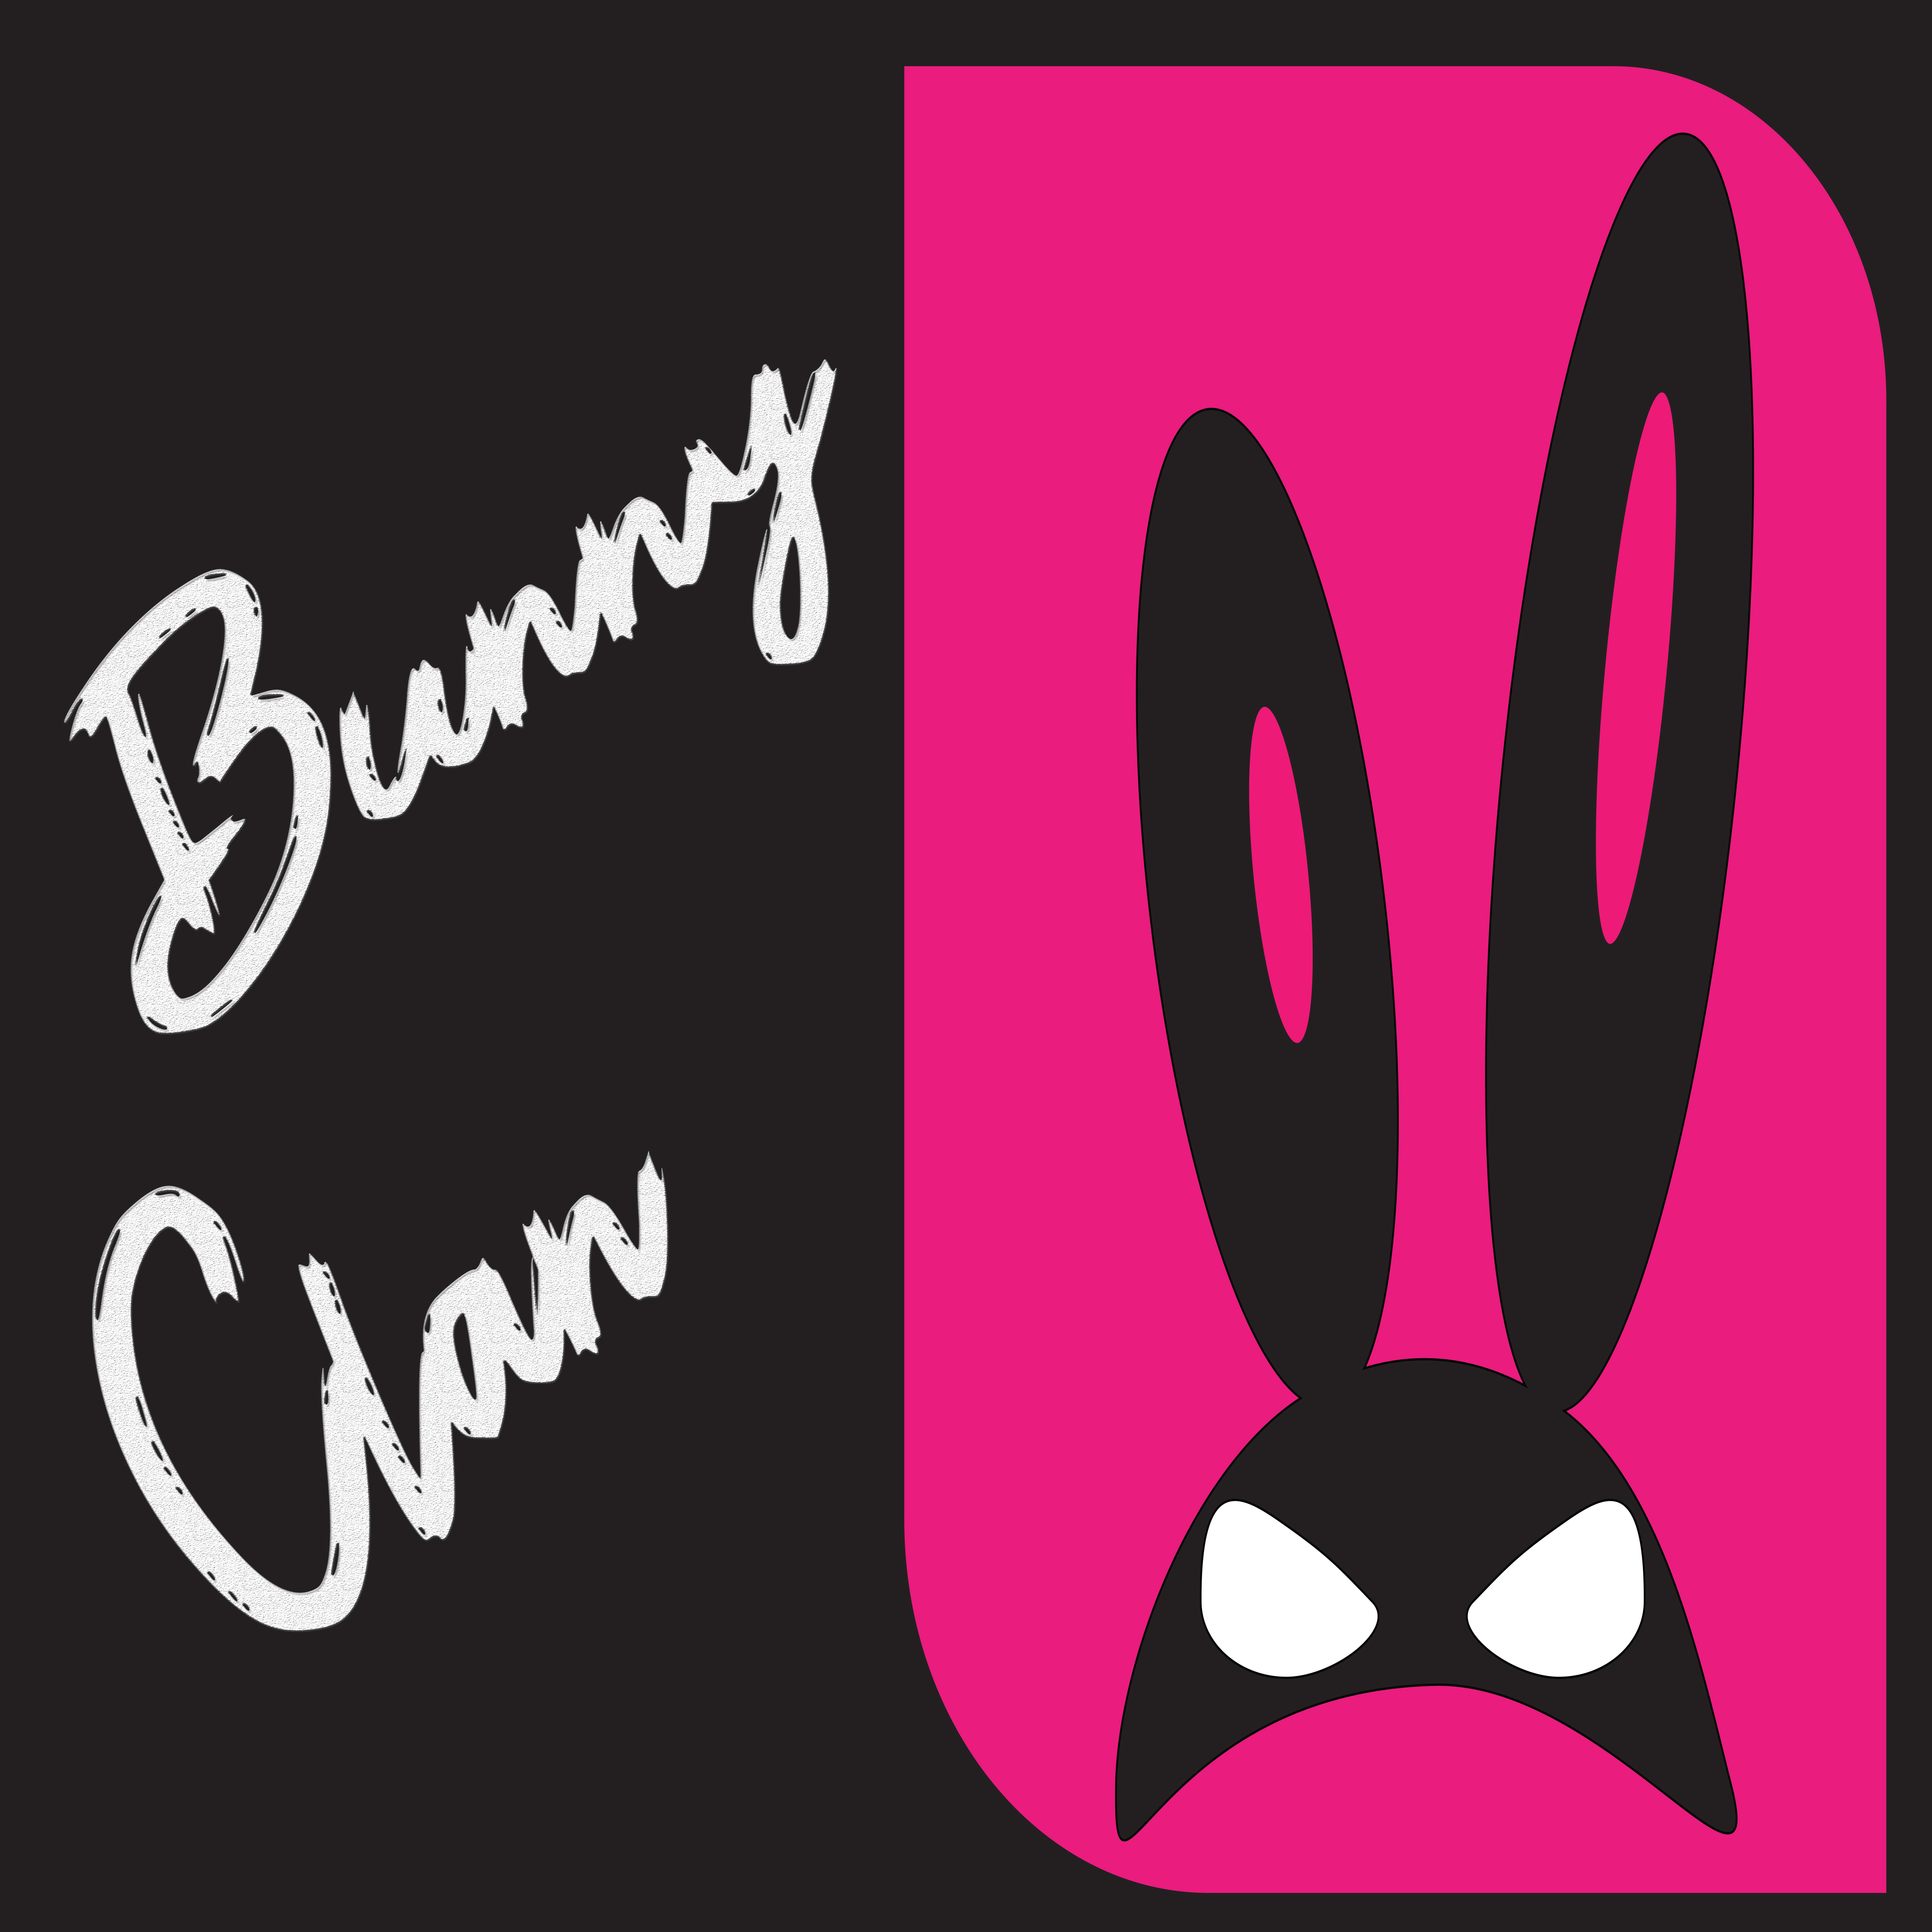 Bunny Clan